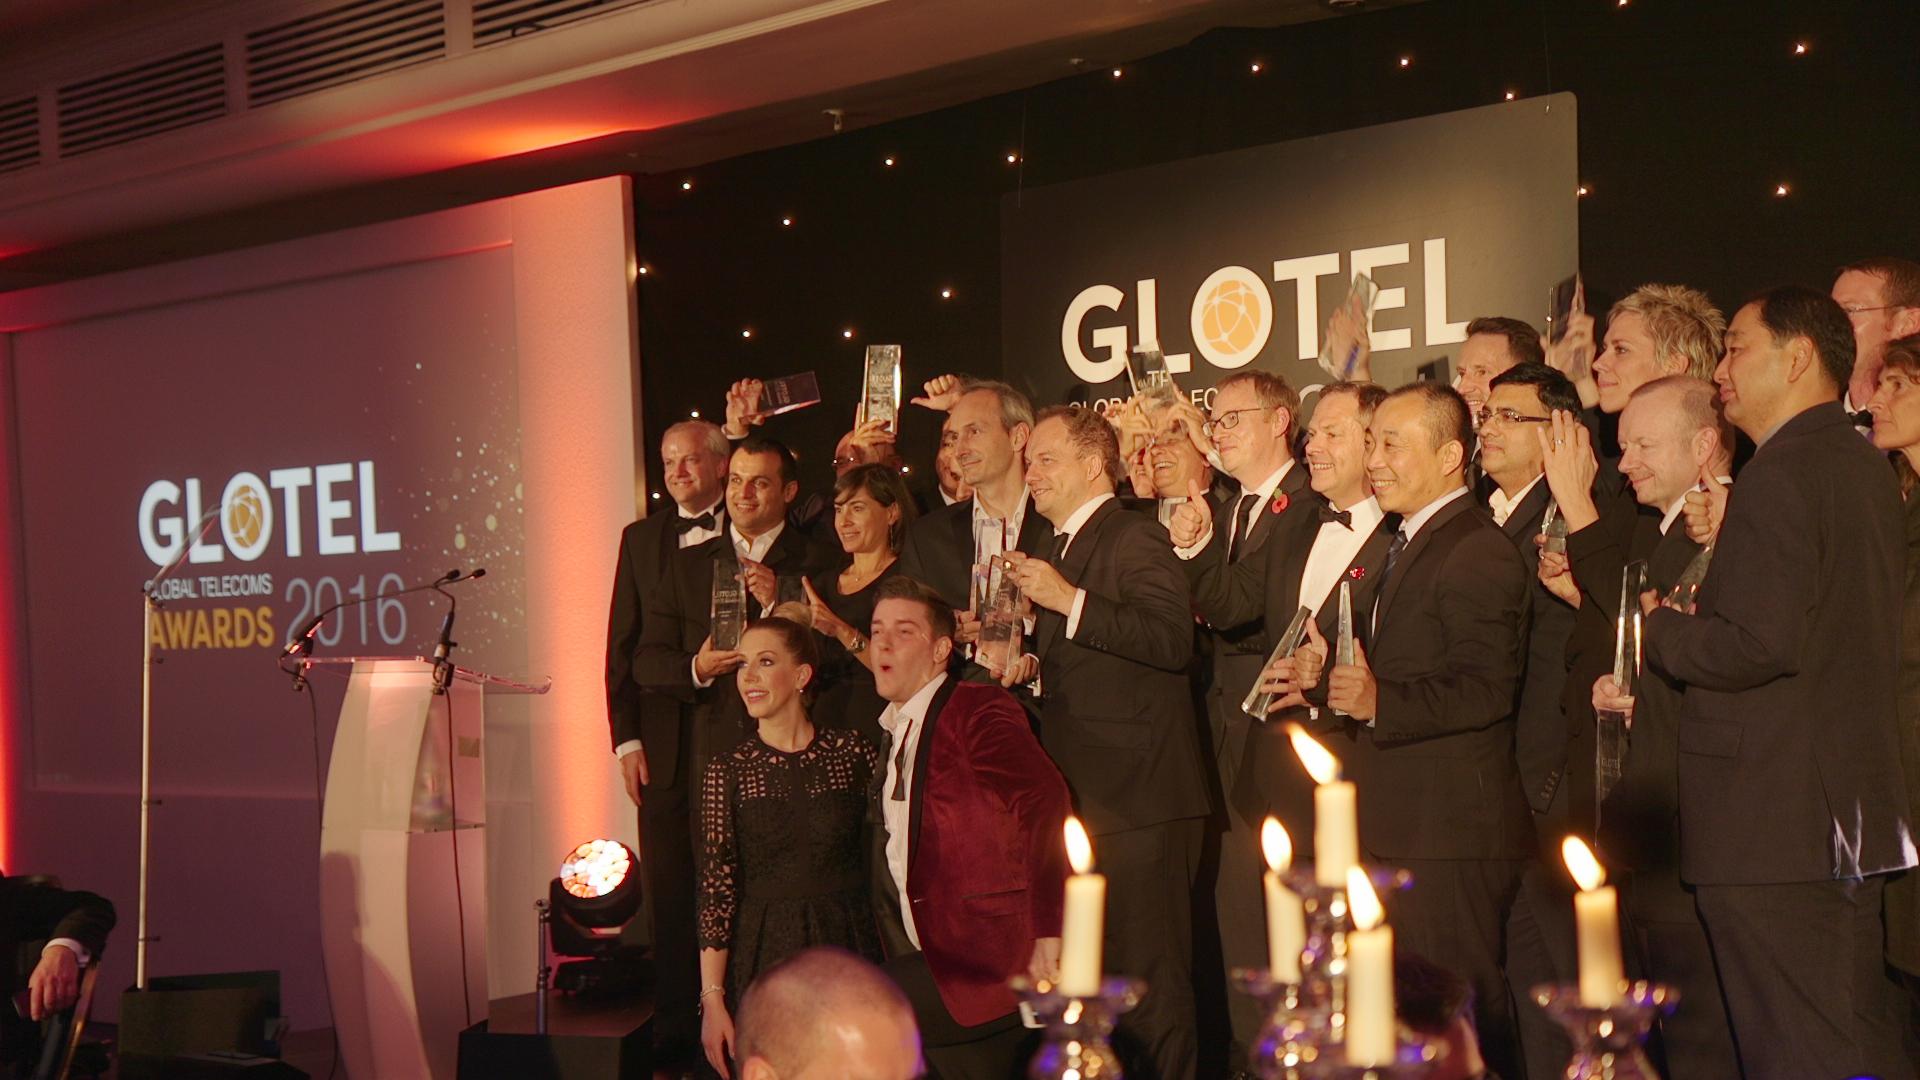 Glotel 1